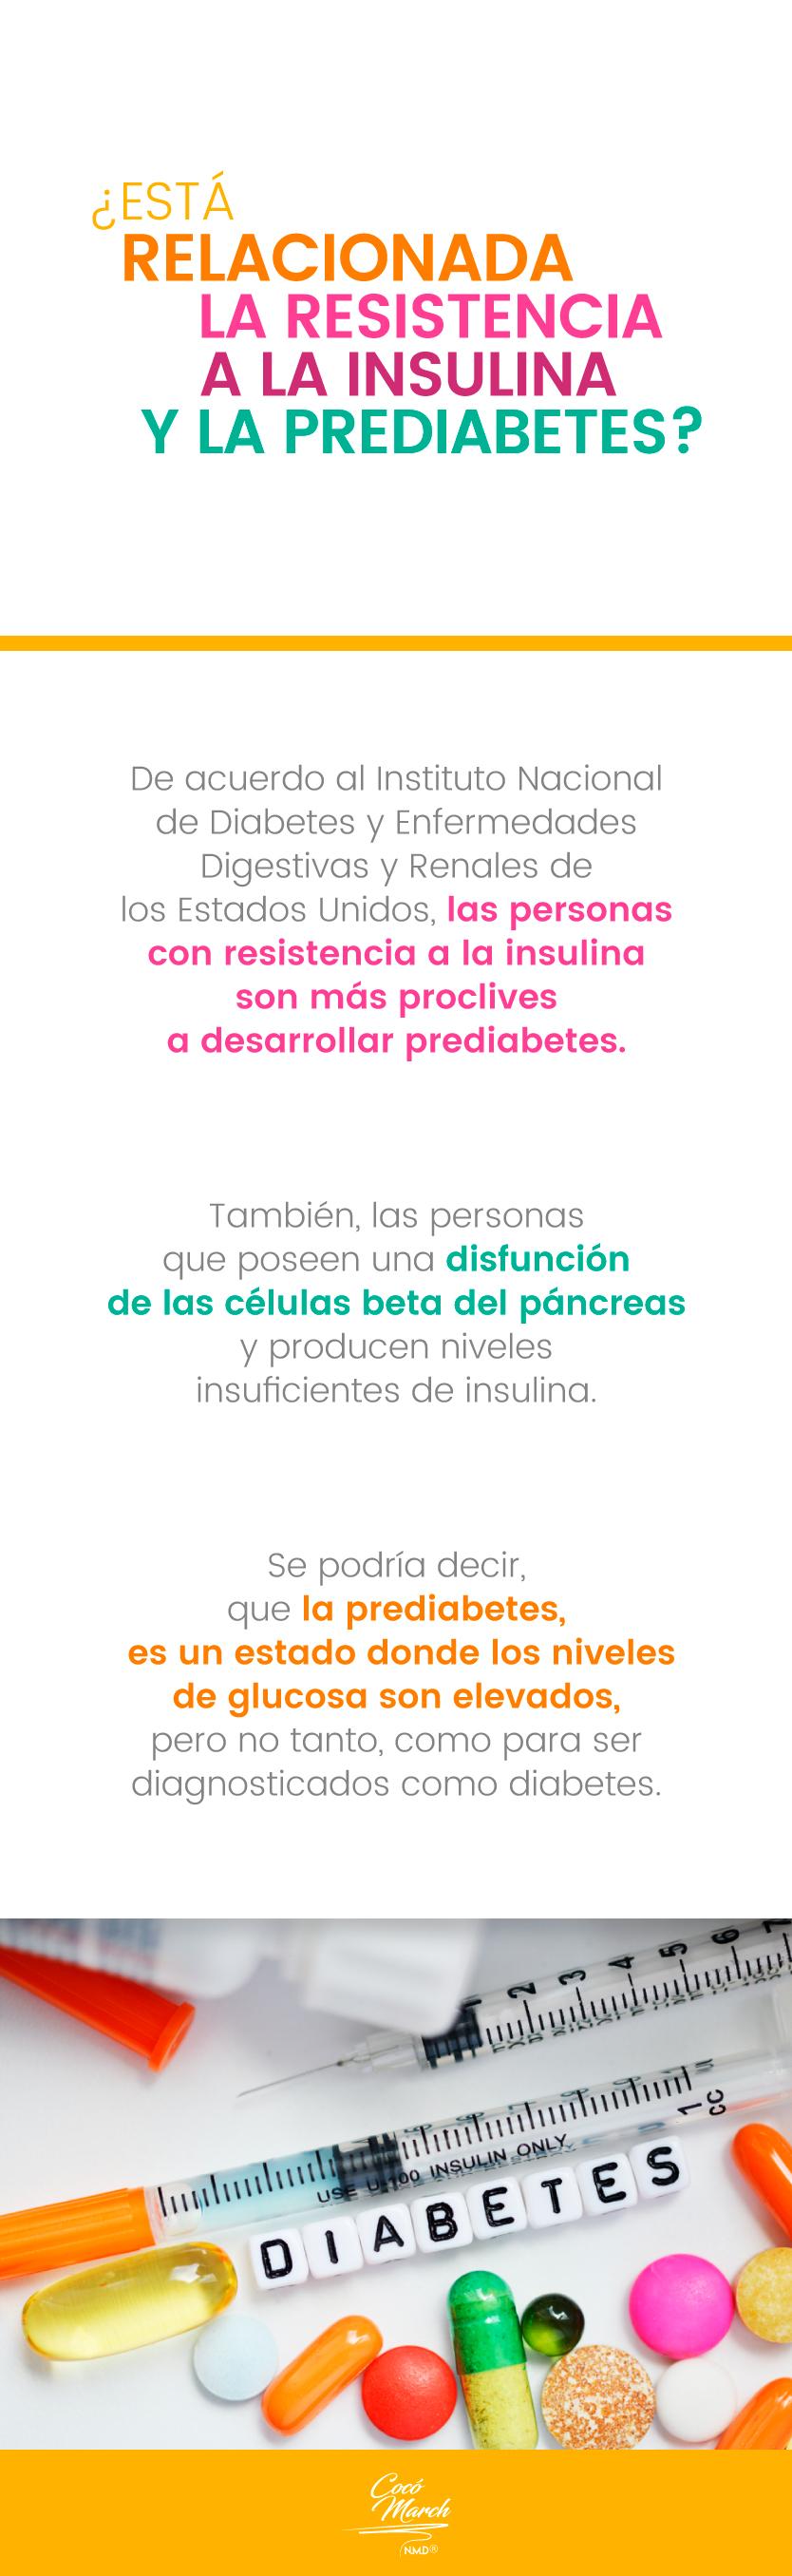 resistencia-a-la-insulina-y-la-prediabetes